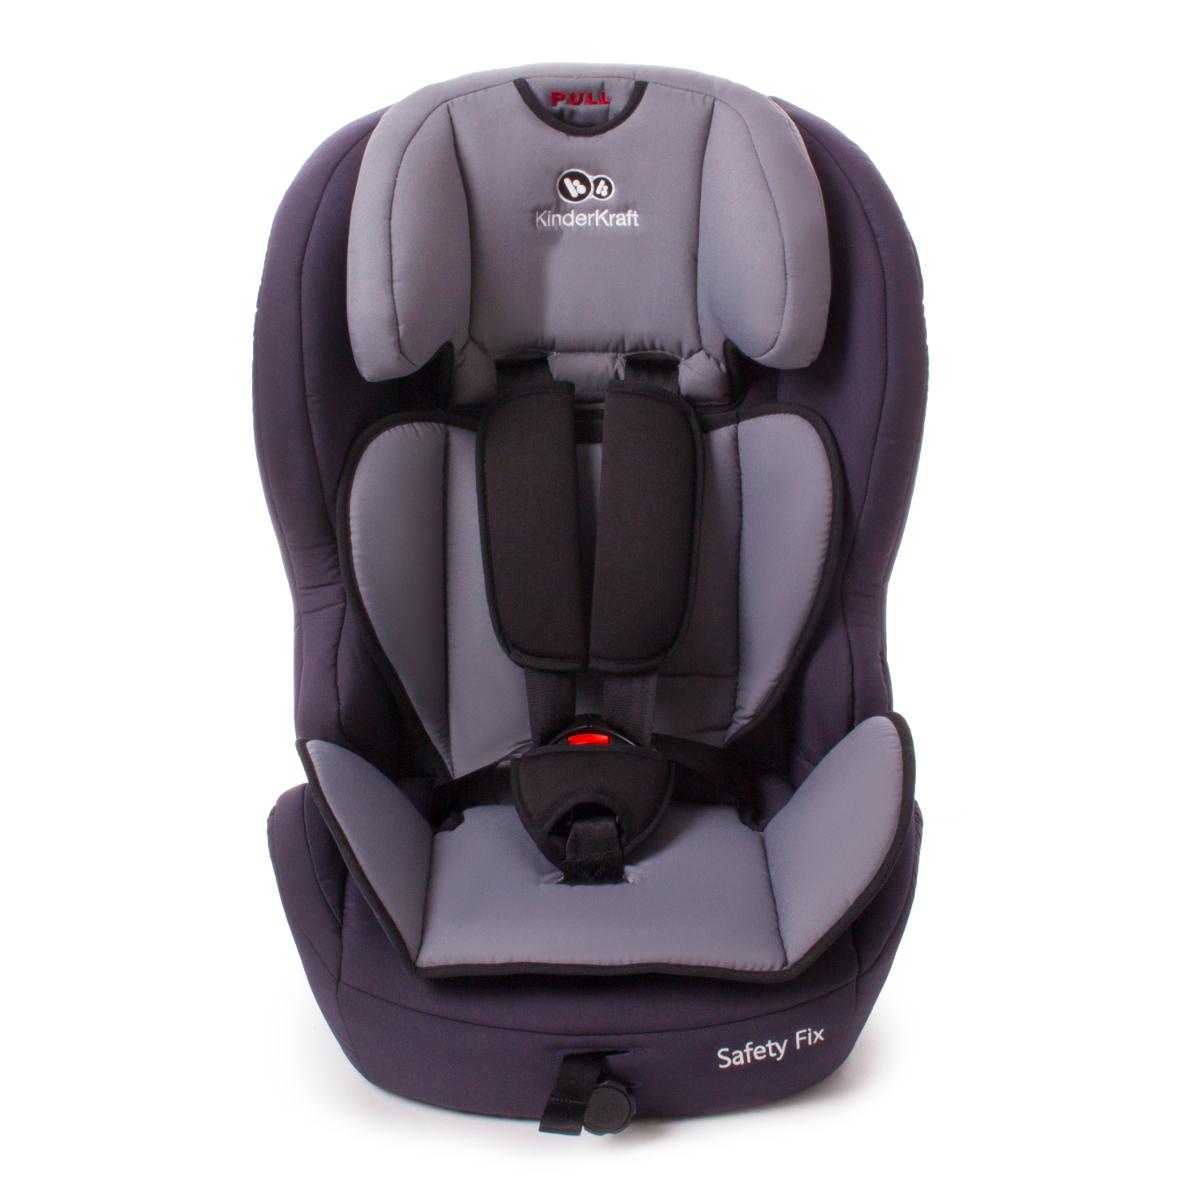 kinderkraft safetyfix isofix si ge voiture pour b b chaise pour enfant 9 de 36 ebay. Black Bedroom Furniture Sets. Home Design Ideas